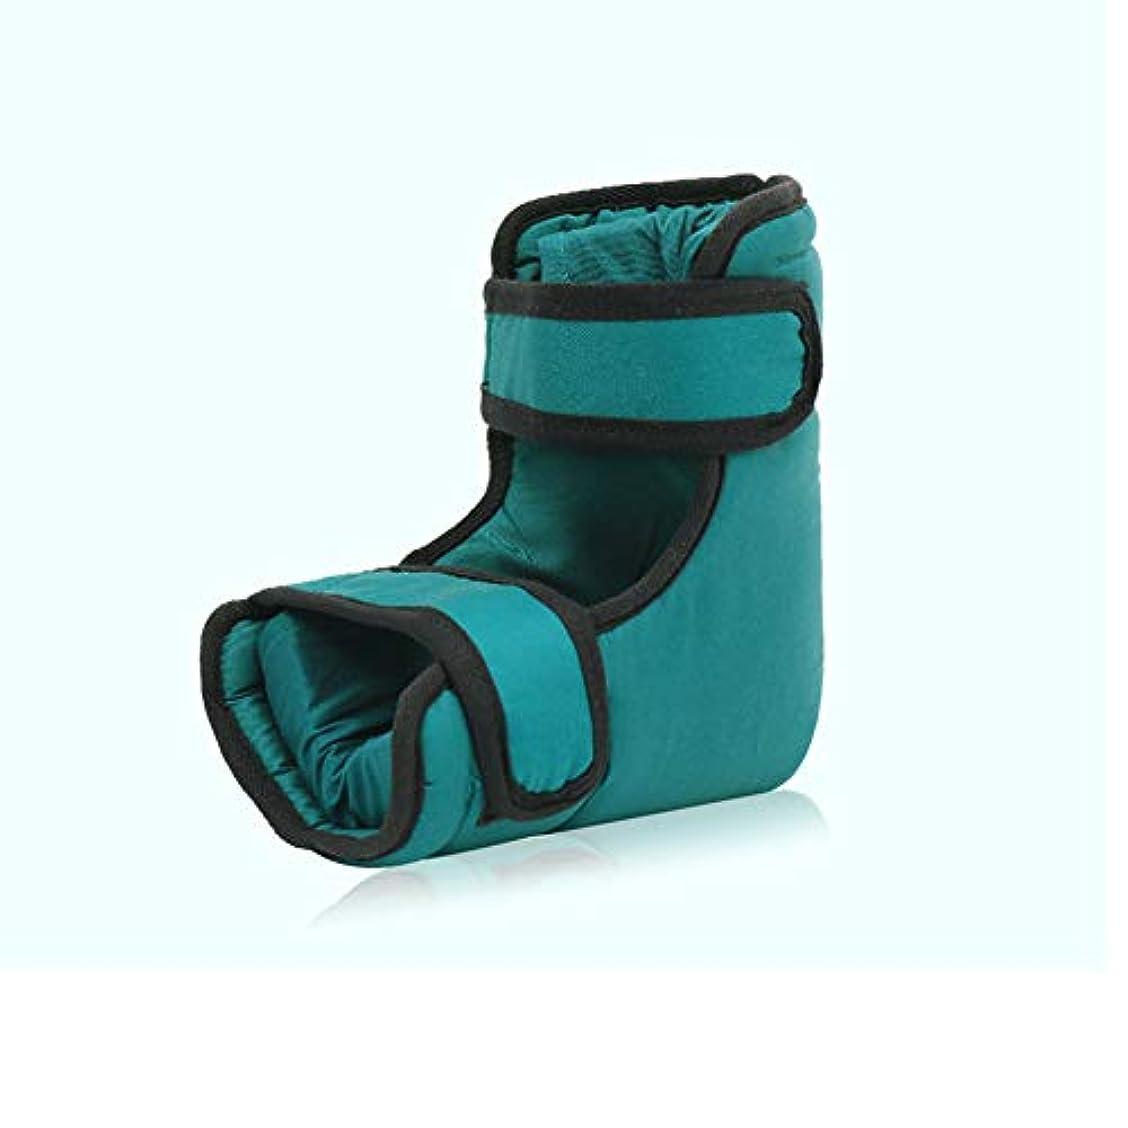 色病者ダルセットヒールプロテクター、足首サポートピロー、足圧を和らげる睡眠用、潰瘍および癒しを促進する潰瘍、一対